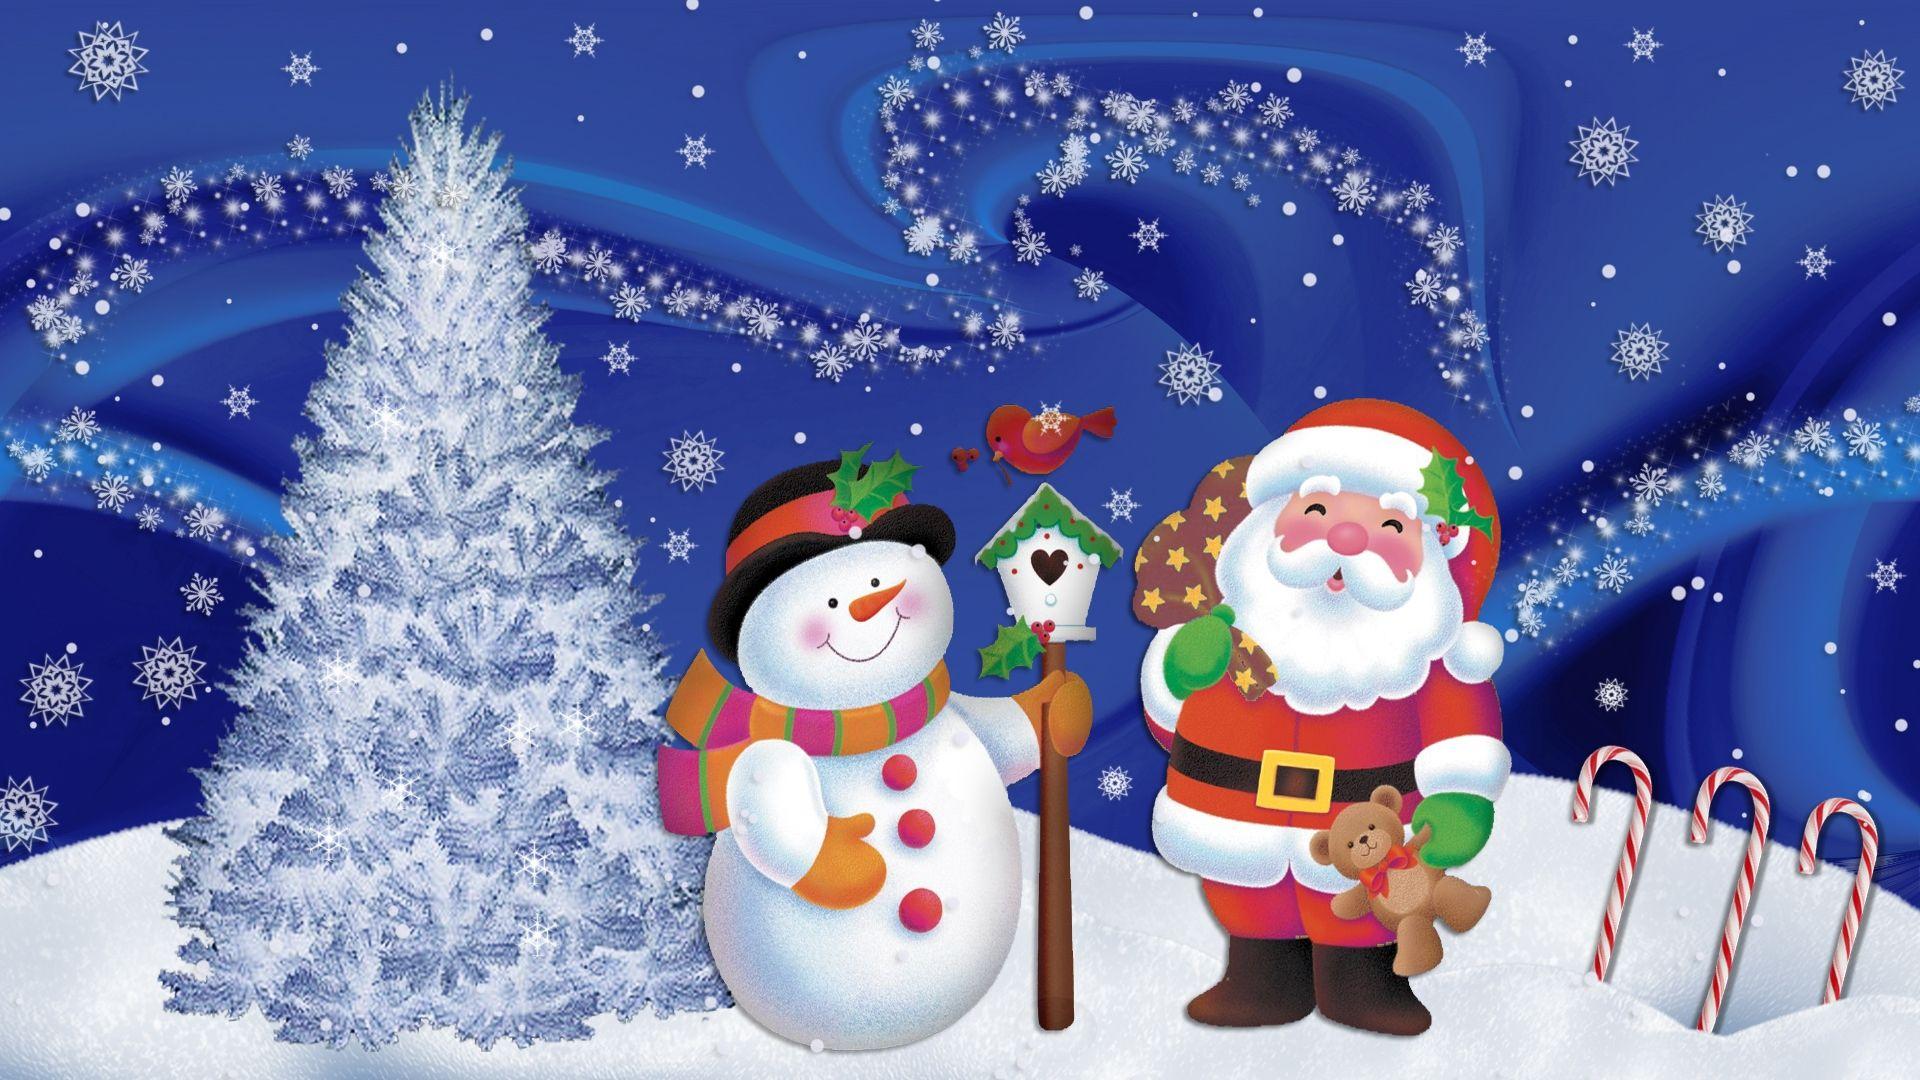 christmas wallpapers santa claus and snowman - Santa And Snowman